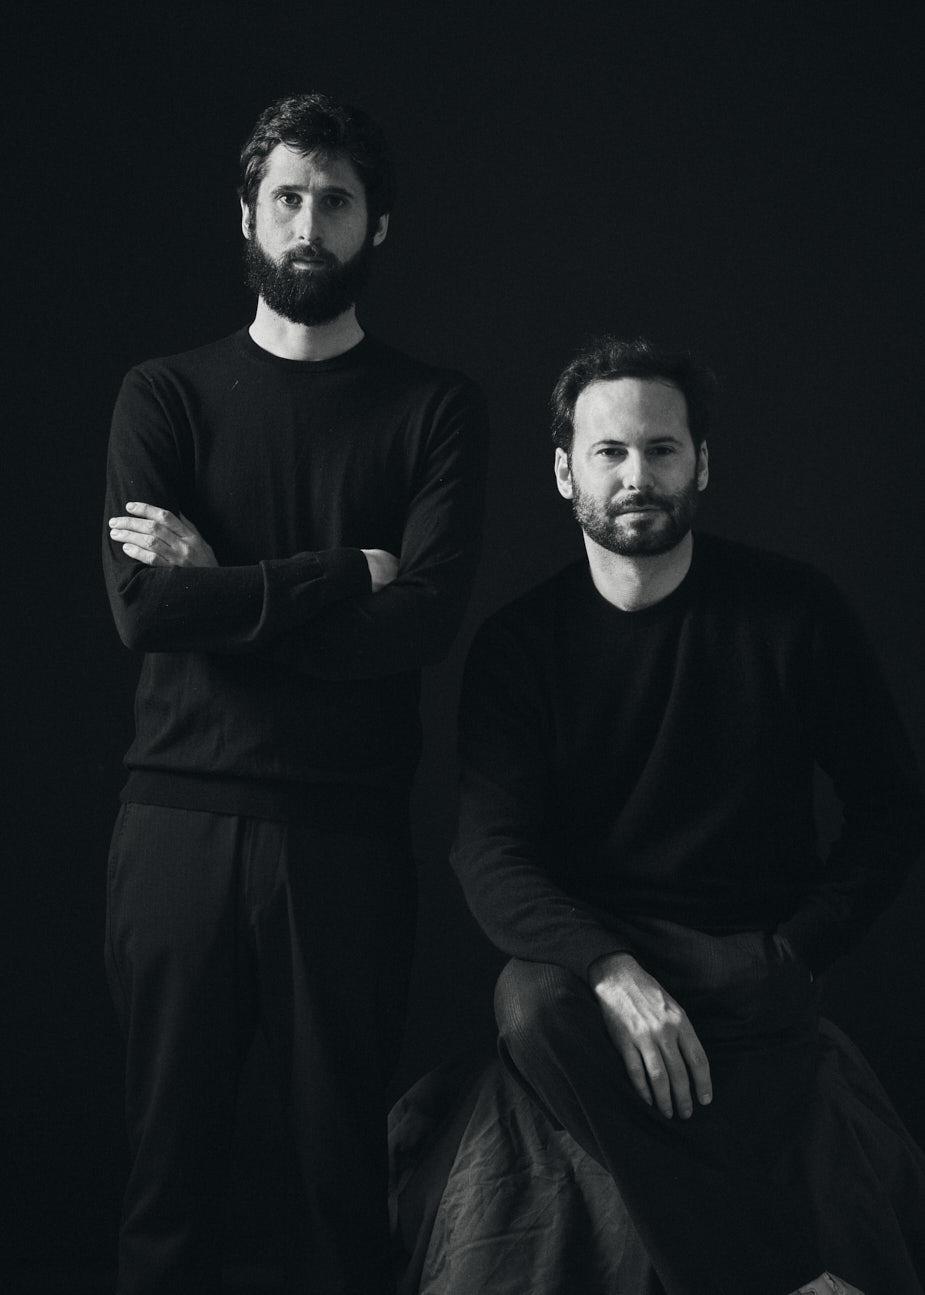 Pepe Otaloa y Nicolás Yllera, fundadores de RRROAD.